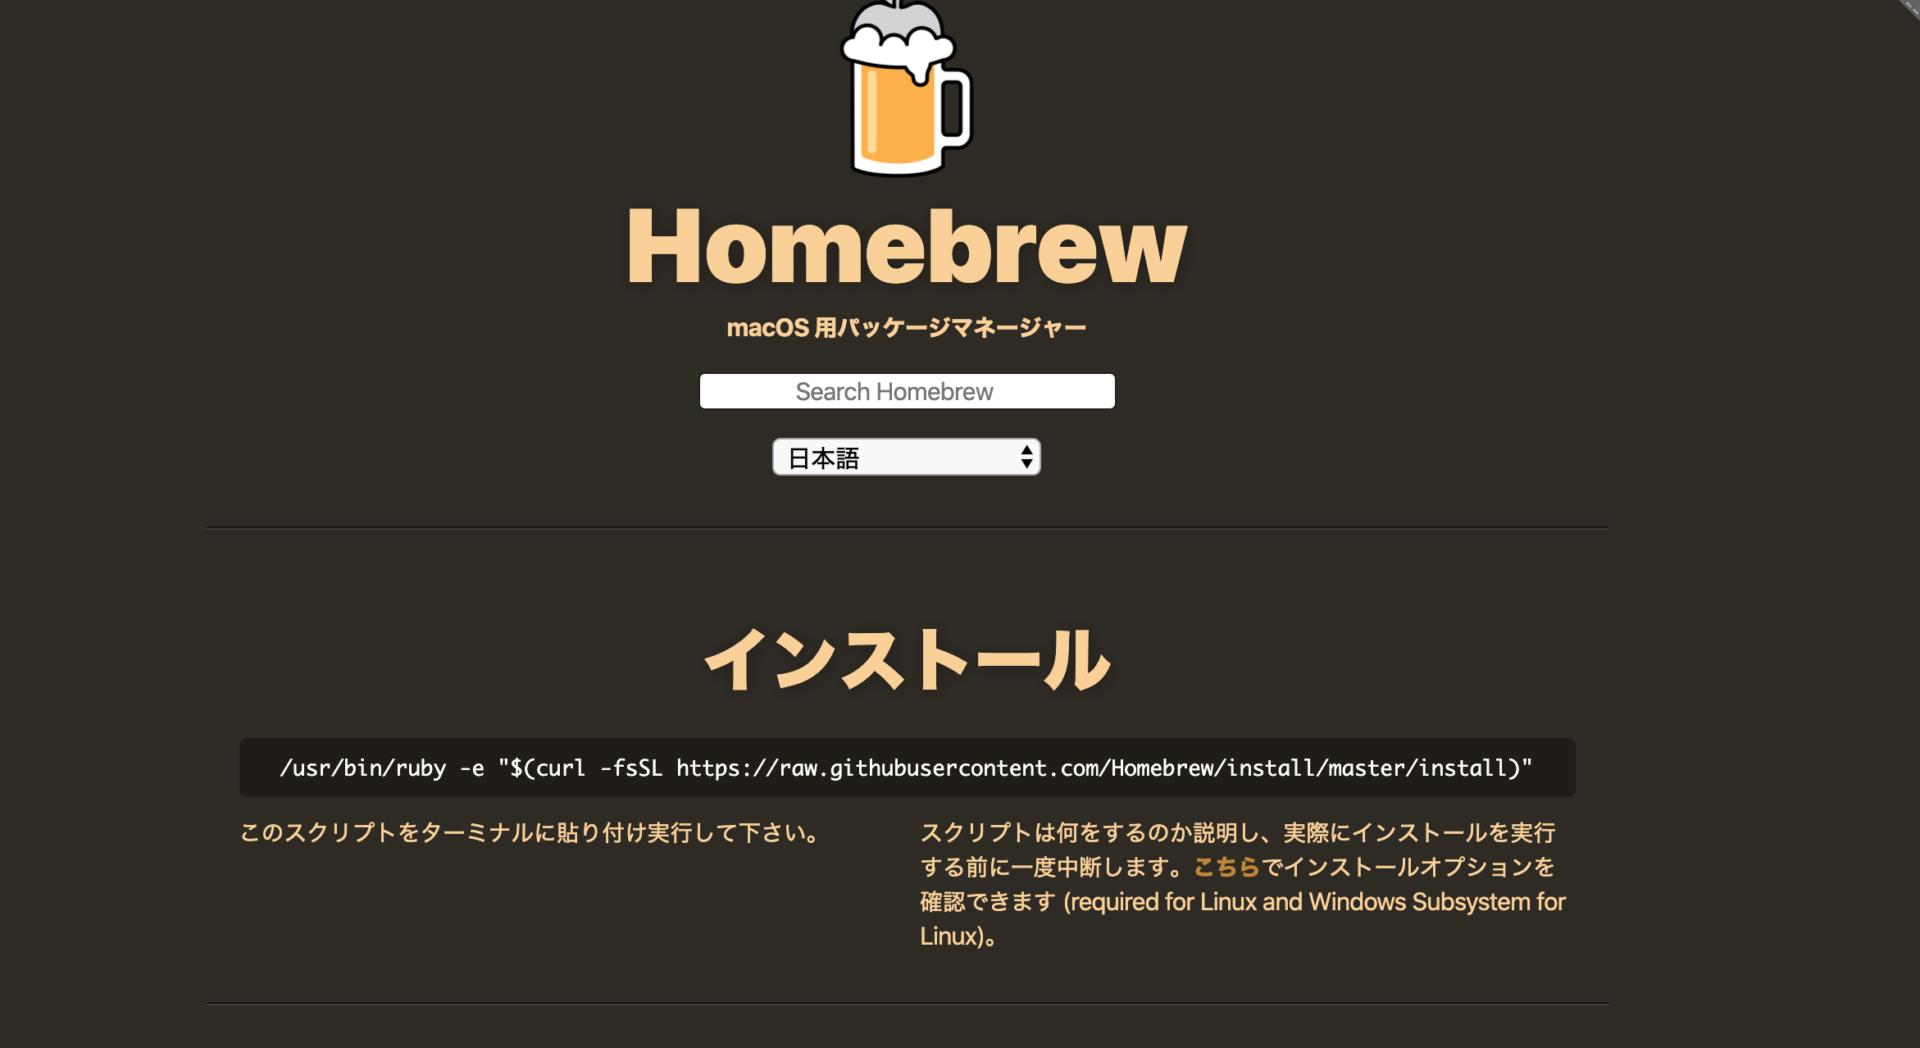 Homebrewの公式ページ